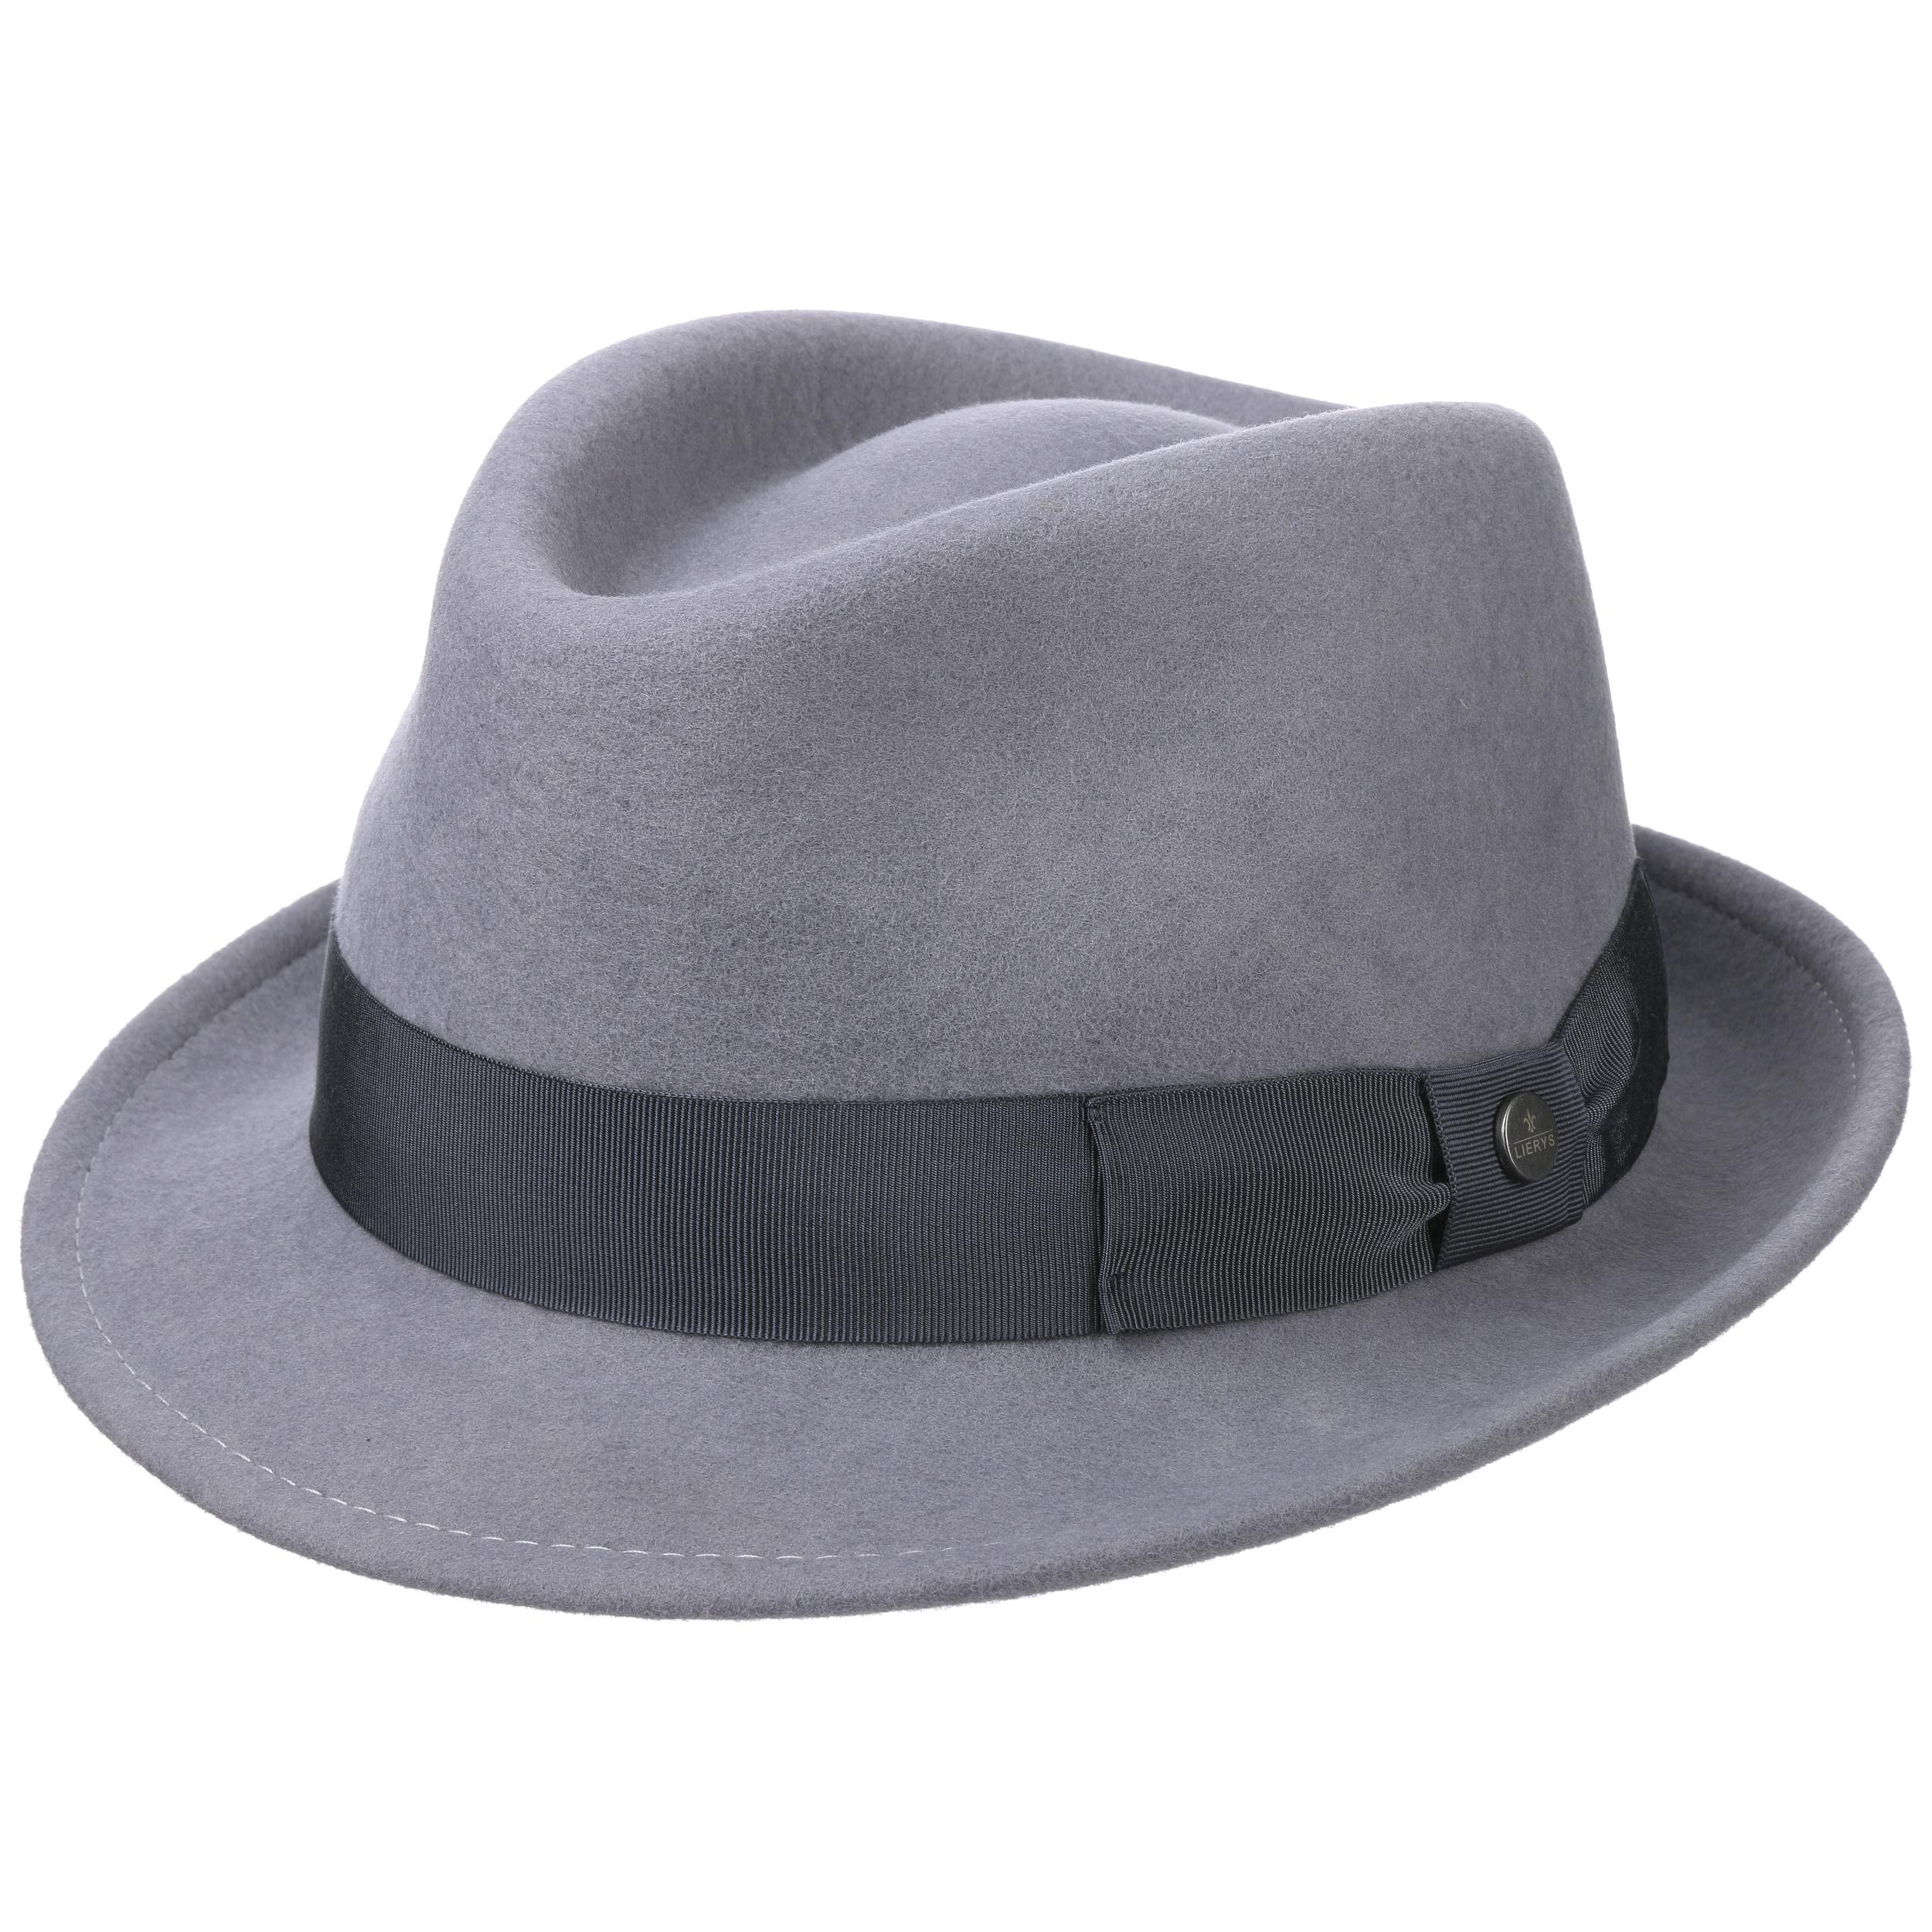 ... Lierys 1 · Classic Wool Trilby Cappello by Lierys - grigio 4 ... c94f4fca15f2